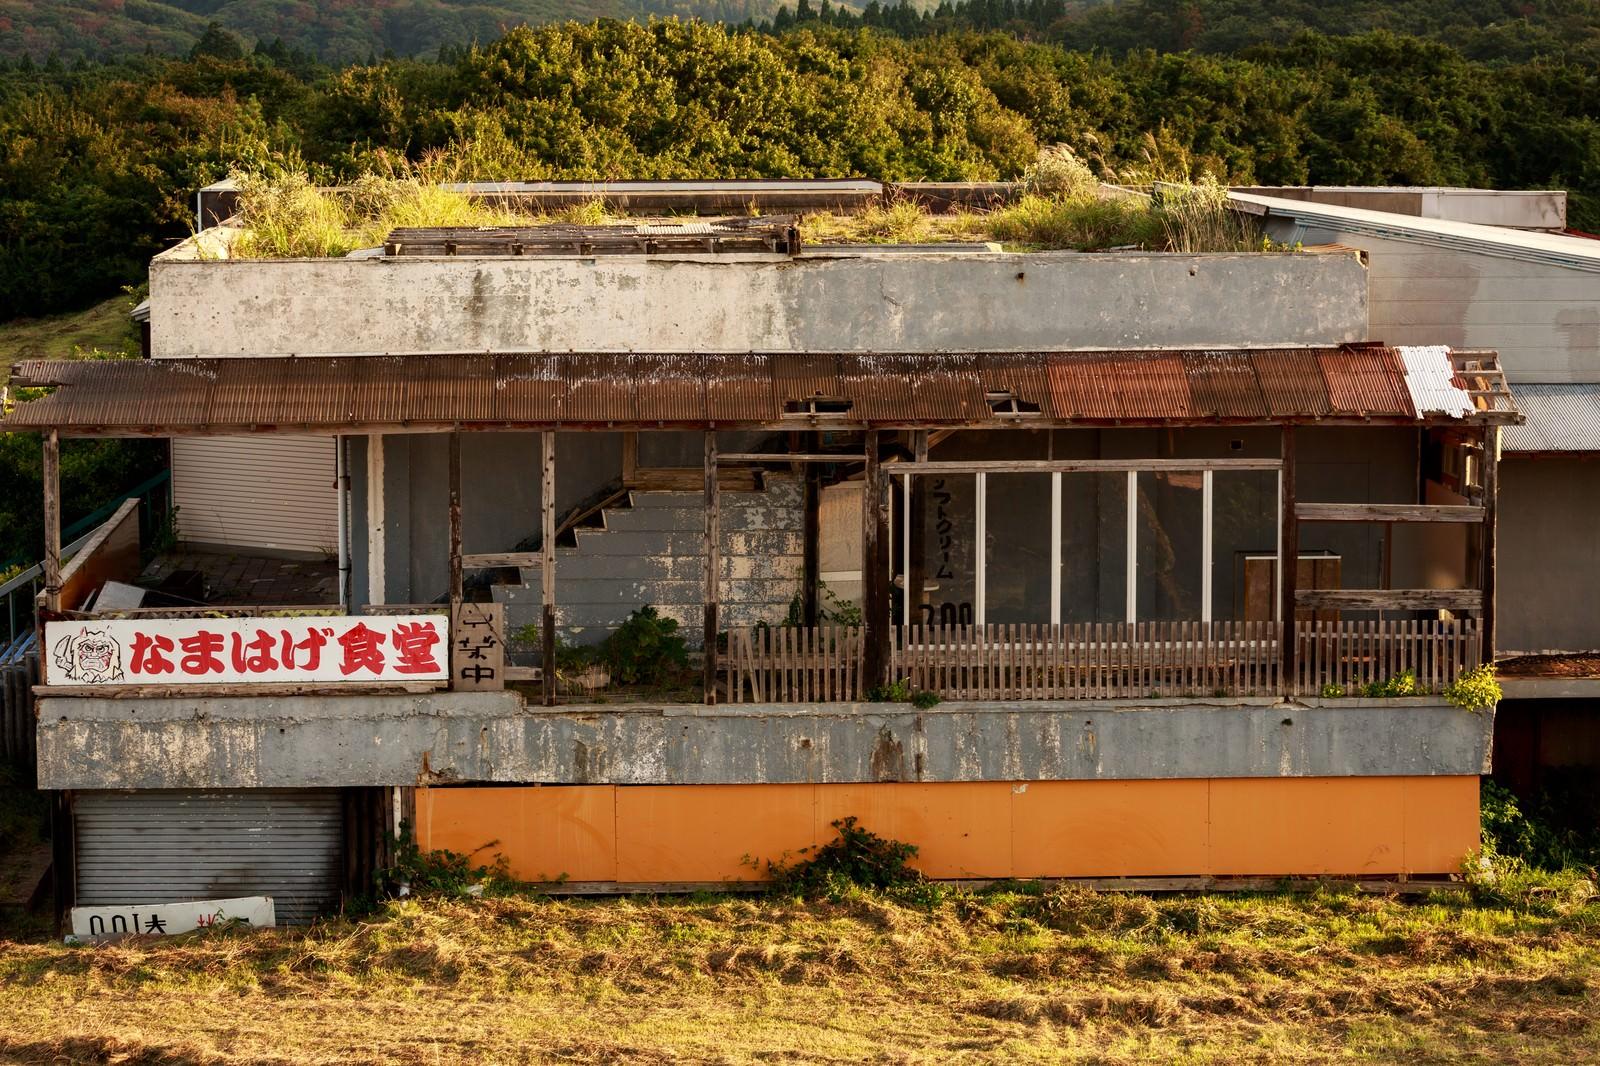 「八望台近くにある「なまはげ食堂」(廃墟)」の写真